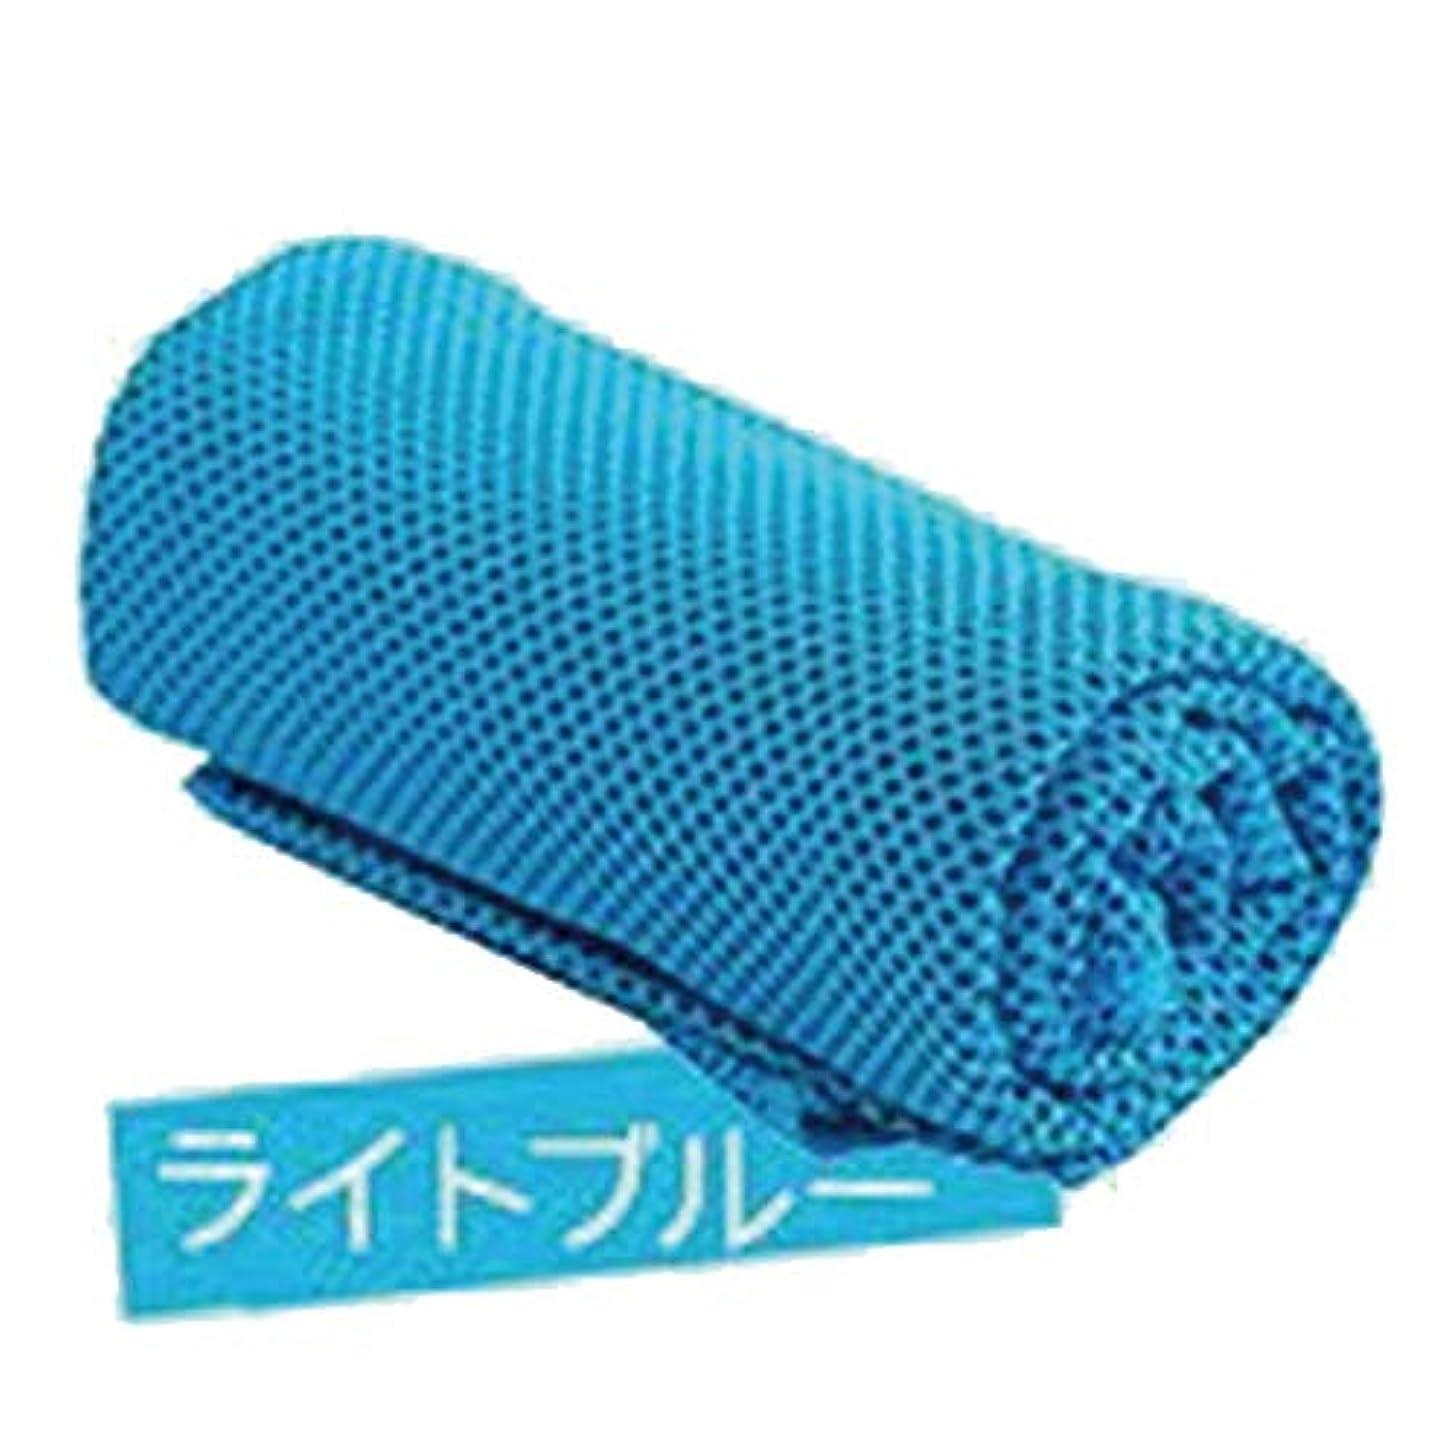 下向きピルチューインガム水で濡らして ひんやりクールタオル 持ち運び ジップ袋 ひんやりタオル 冷却タオル 大人から子供まで 冷間タオル (ライトブルー)